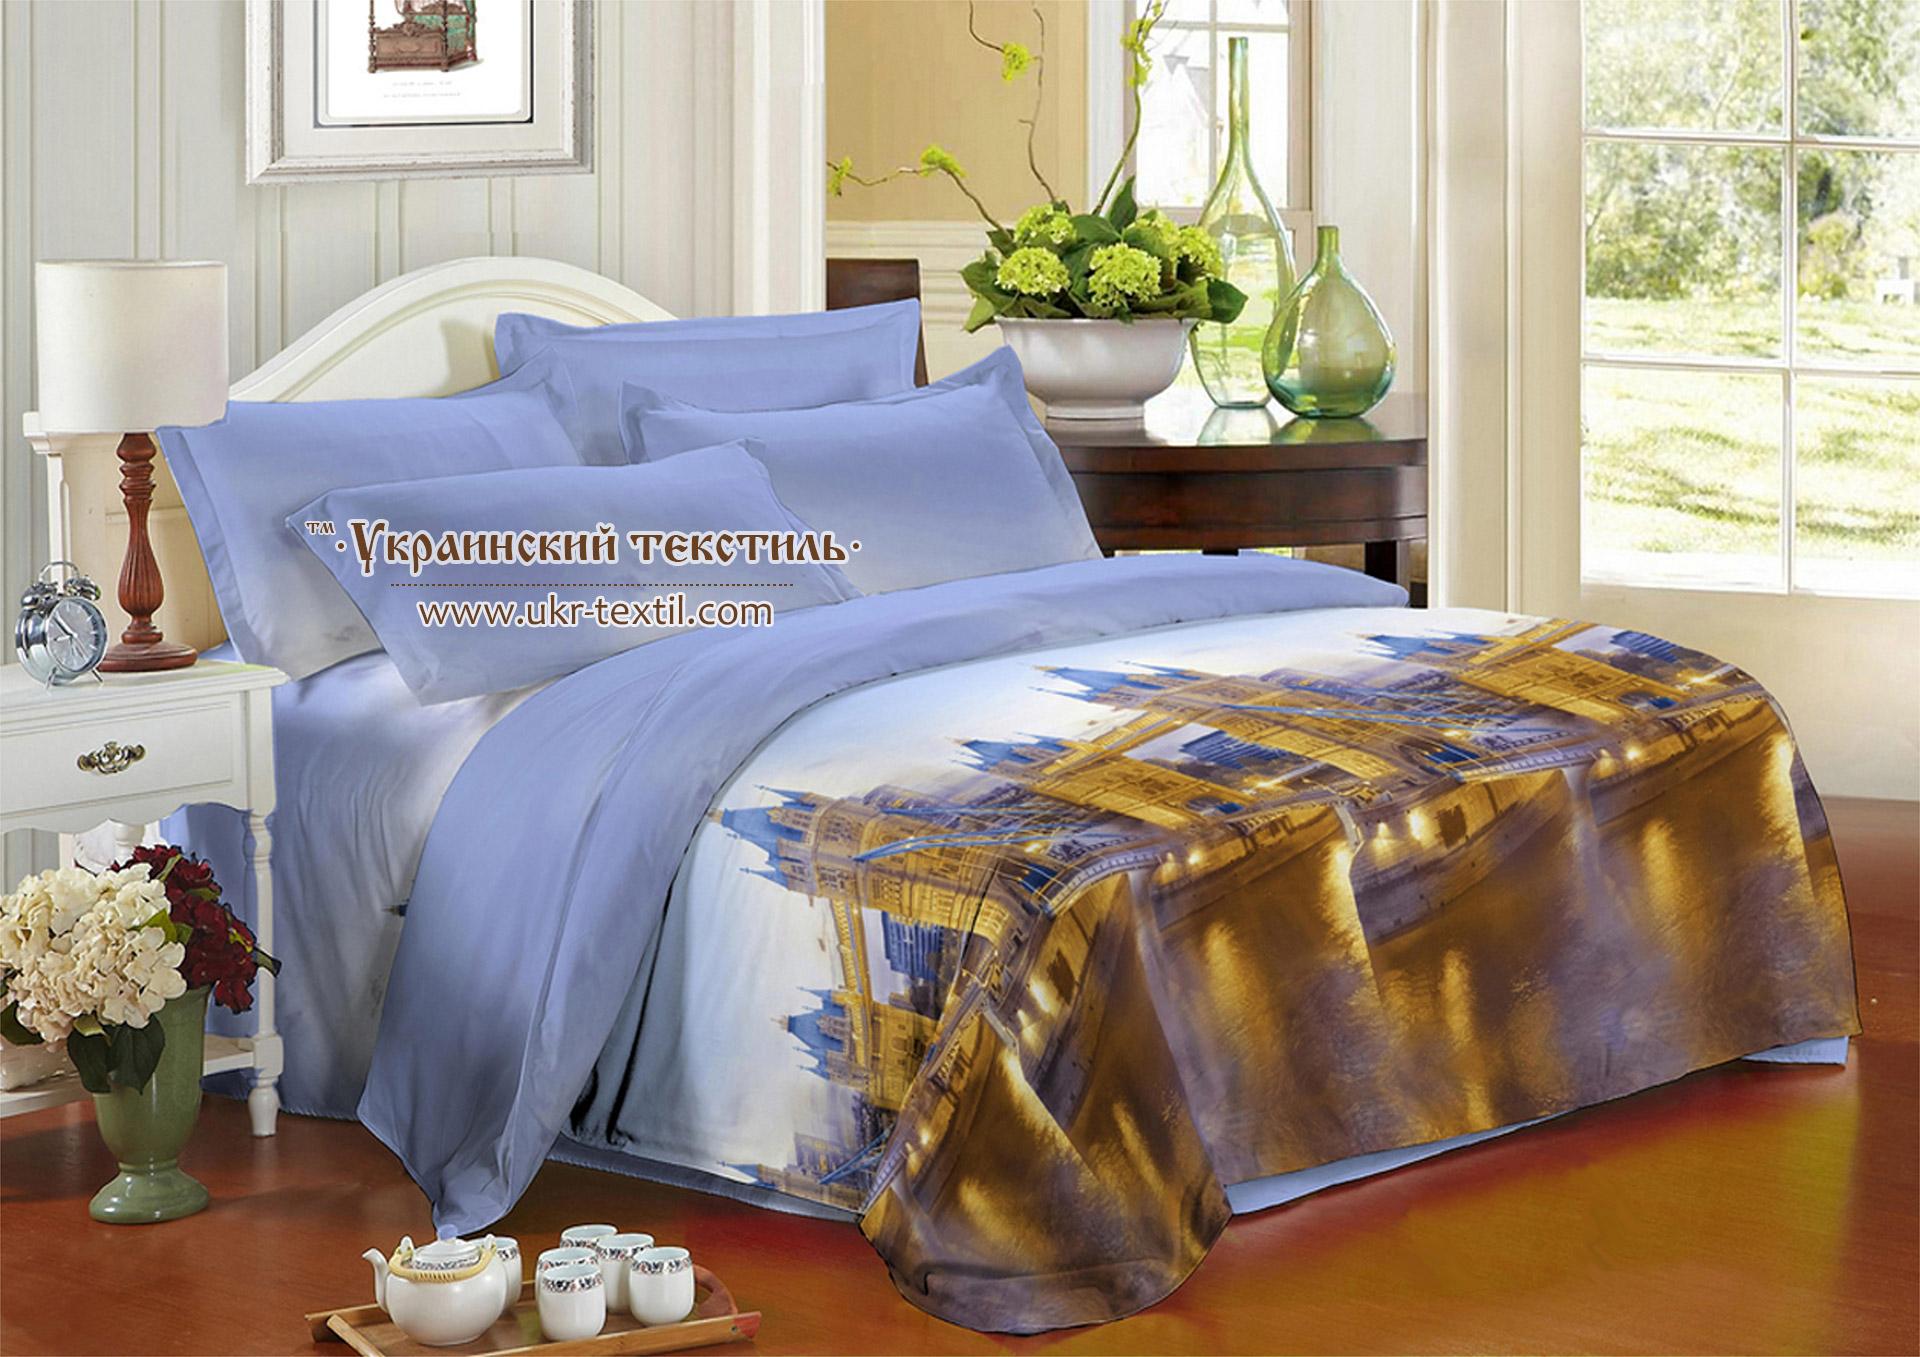 Полуторный комплект постельного белья из Полиэстера купить Украина ... 83d2165556326